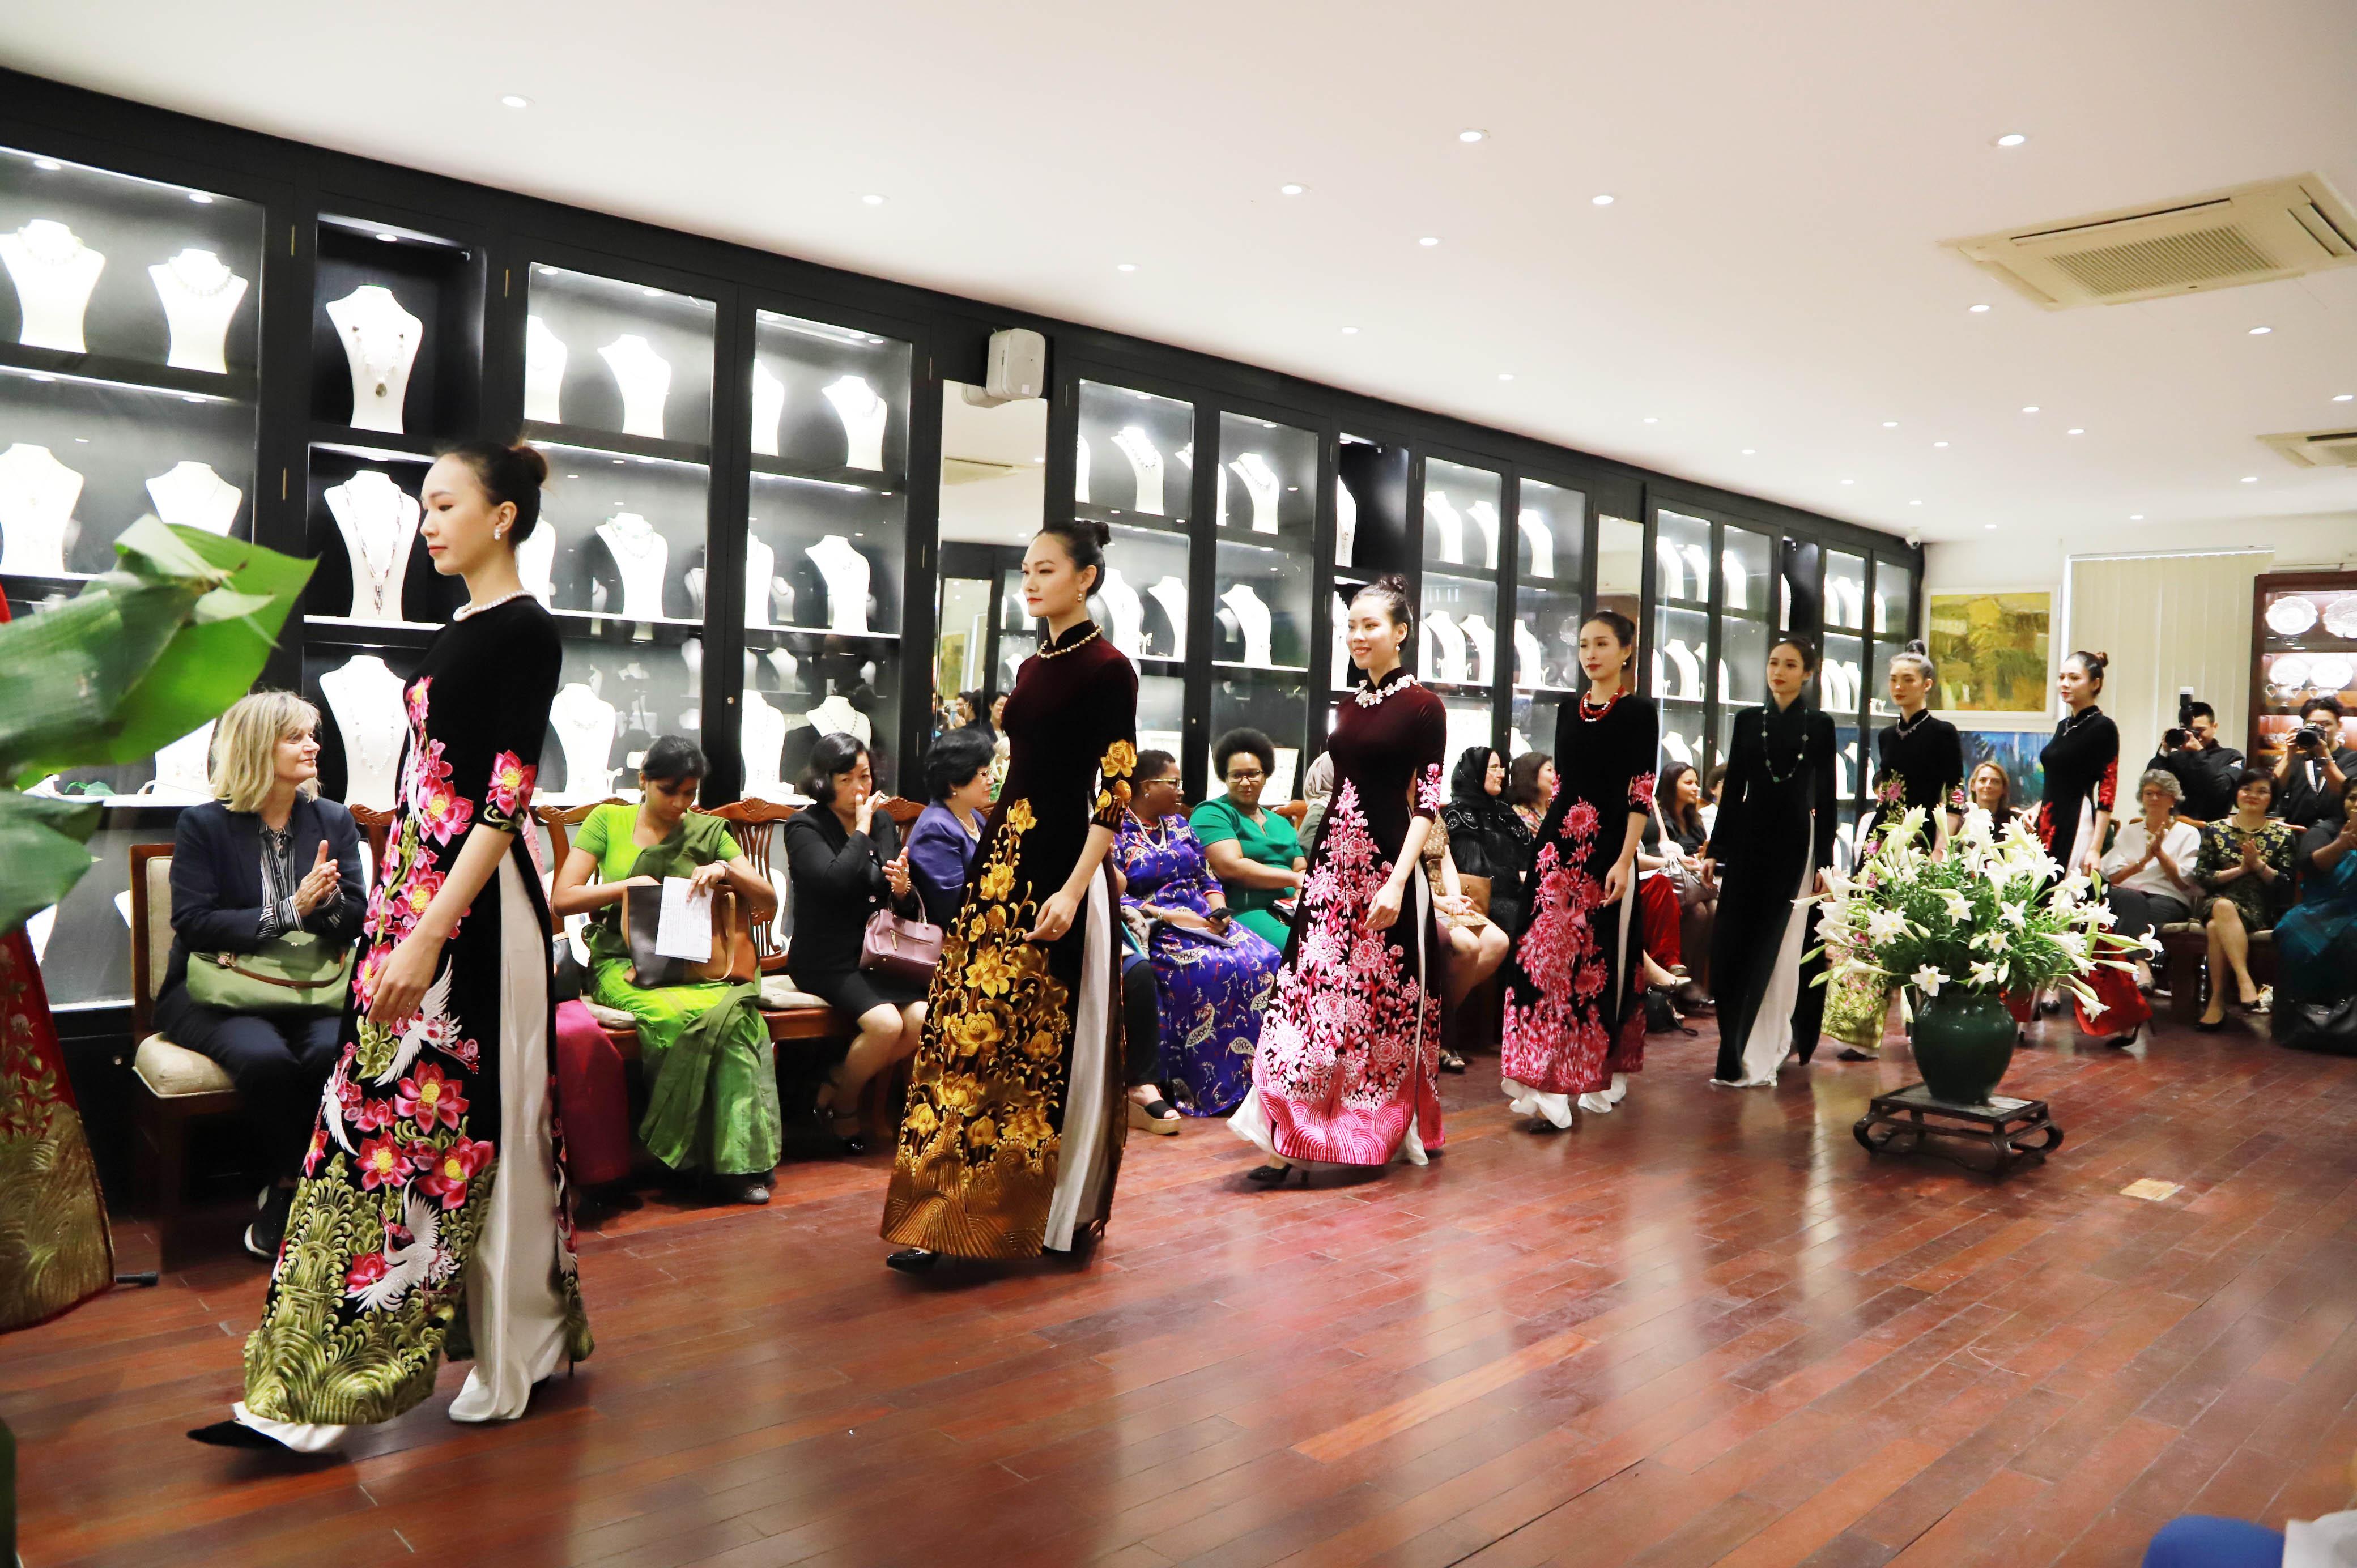 Qua phần trình diễn áo dài kết hợp trang sức mới nhất, hai nhà thiết kế đã góp phần quảng bá các ngành thủ công tinh xảo vừa kết hợp truyền thống vừa mang hơi thở hiện đại của Việt Nam.